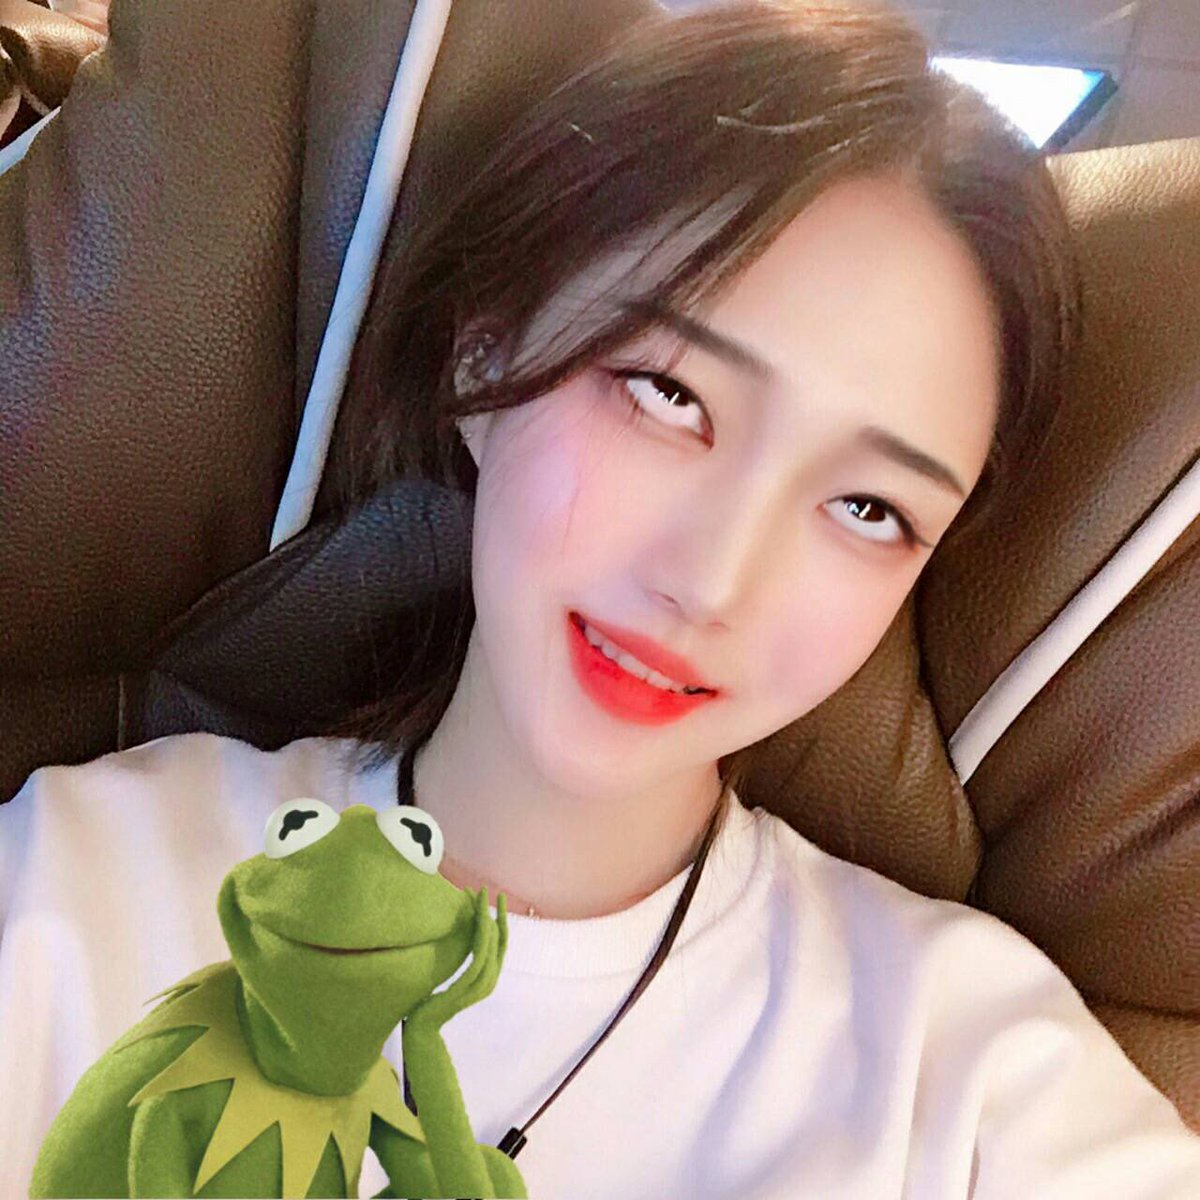 韓国の若者の間でアヘ顔自撮りが流行中らしい・・・・・(画像あり)・6枚目